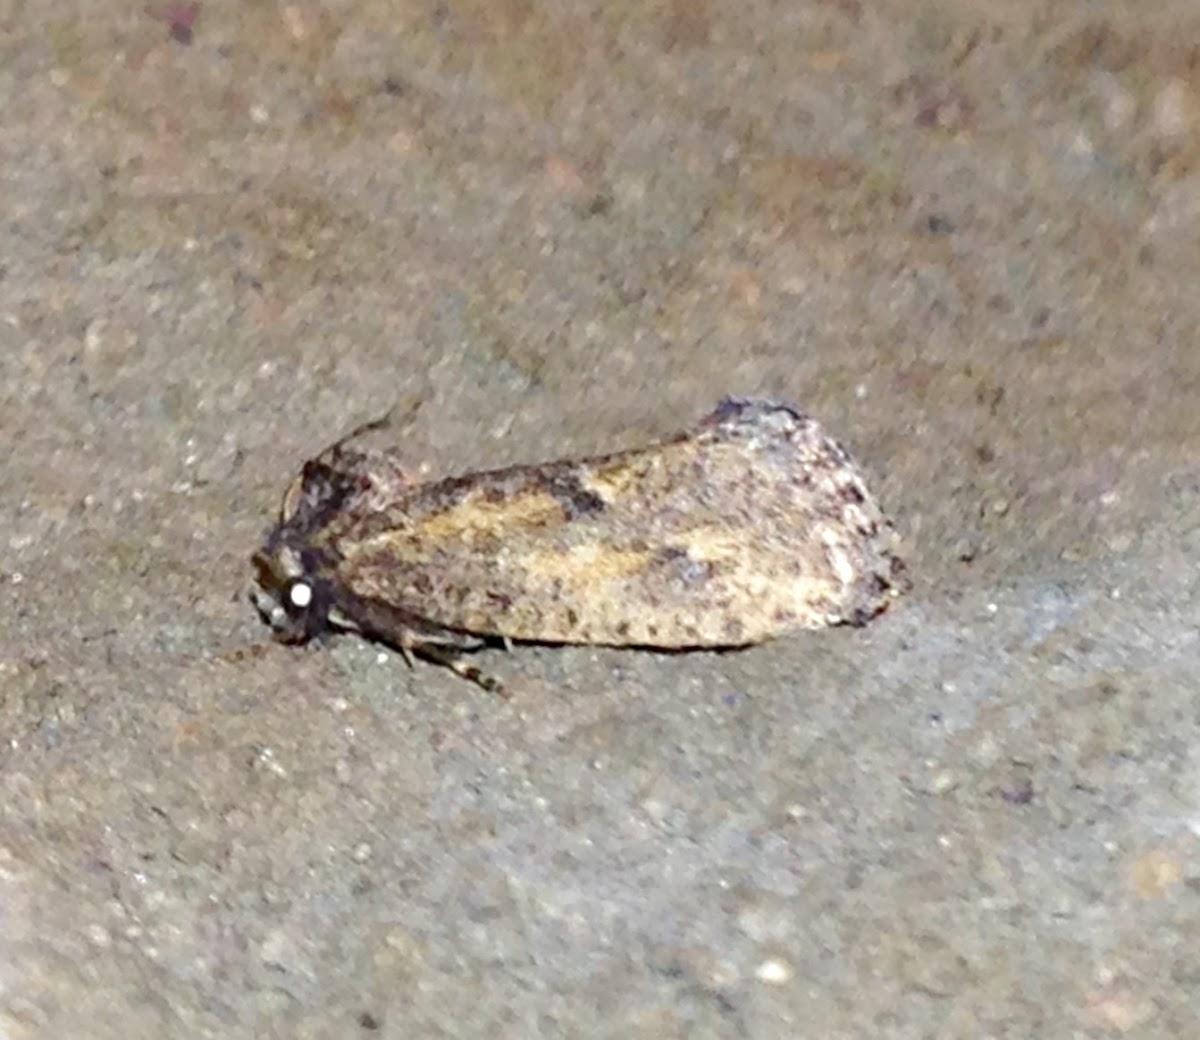 Acrolophus Moth